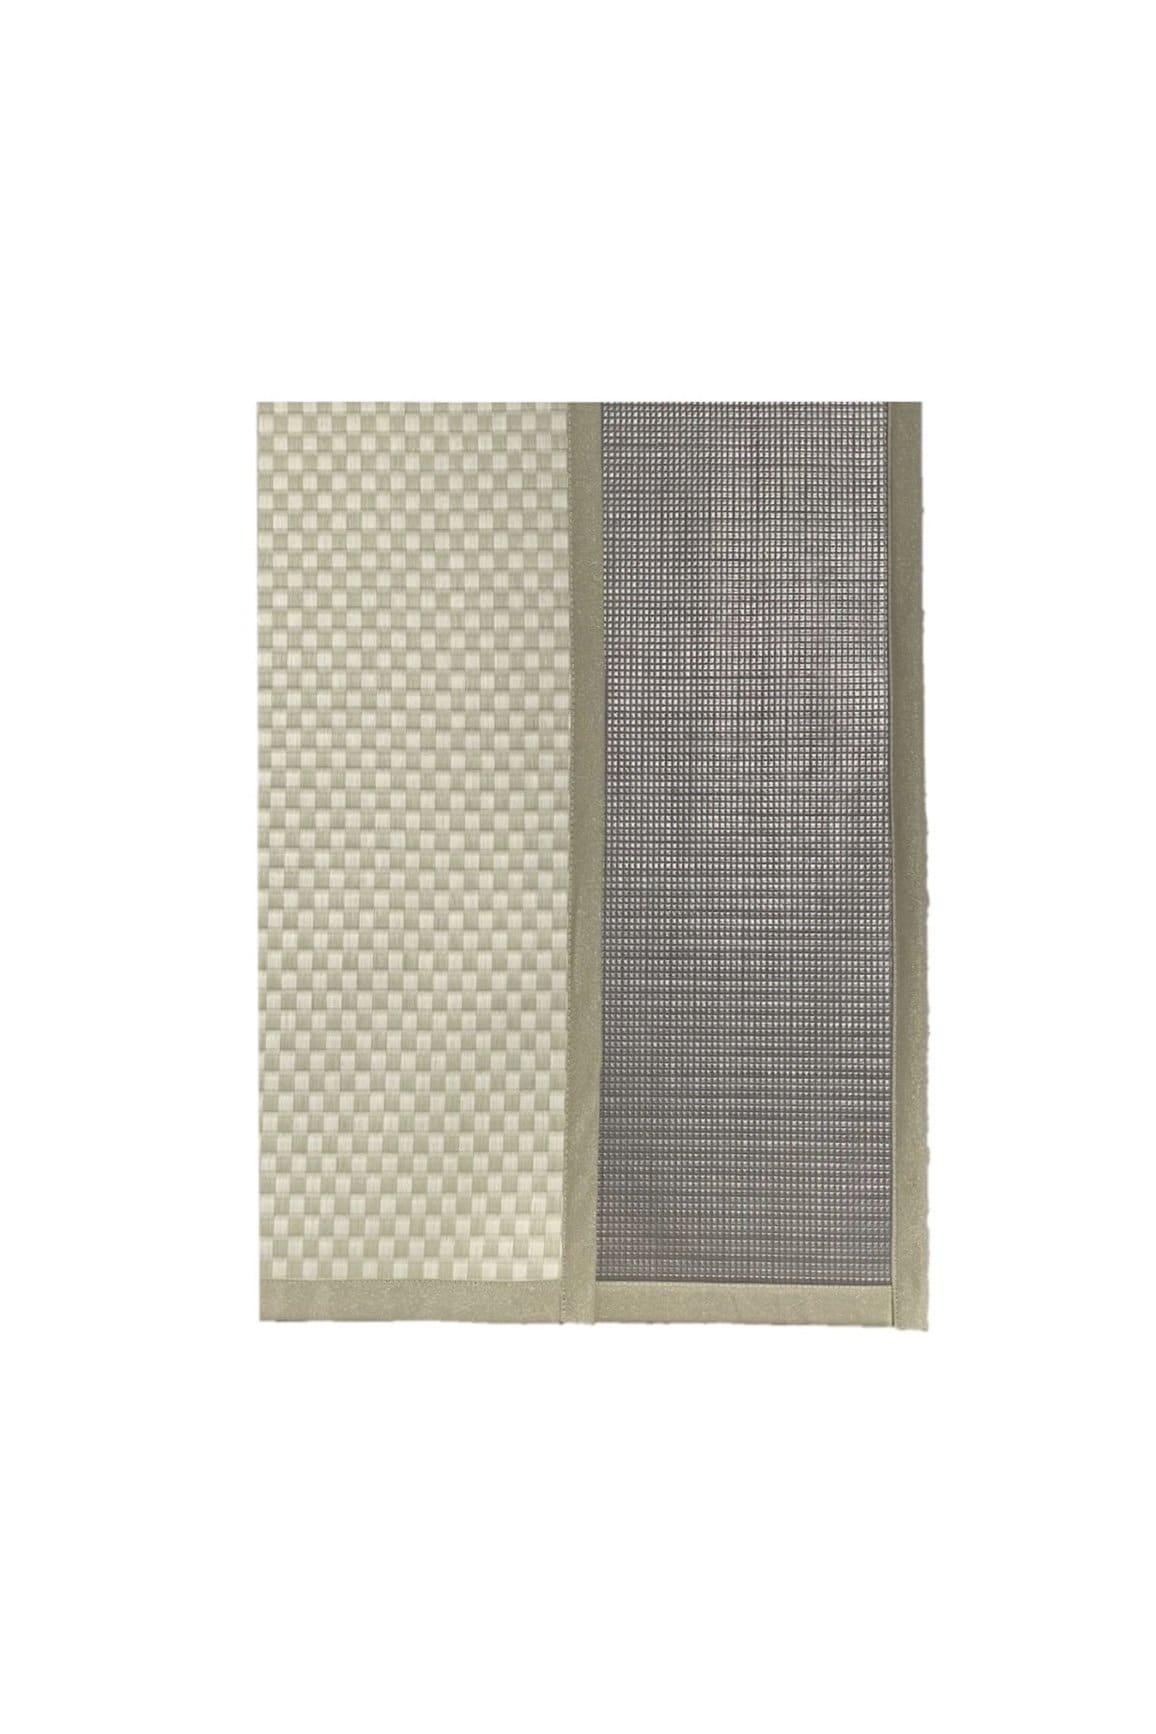 オリジナル畳ヨガマット作成/セキスイ美草/目積表市松表を使用/サイズも選べる/カラーも選べる/のイメージその2